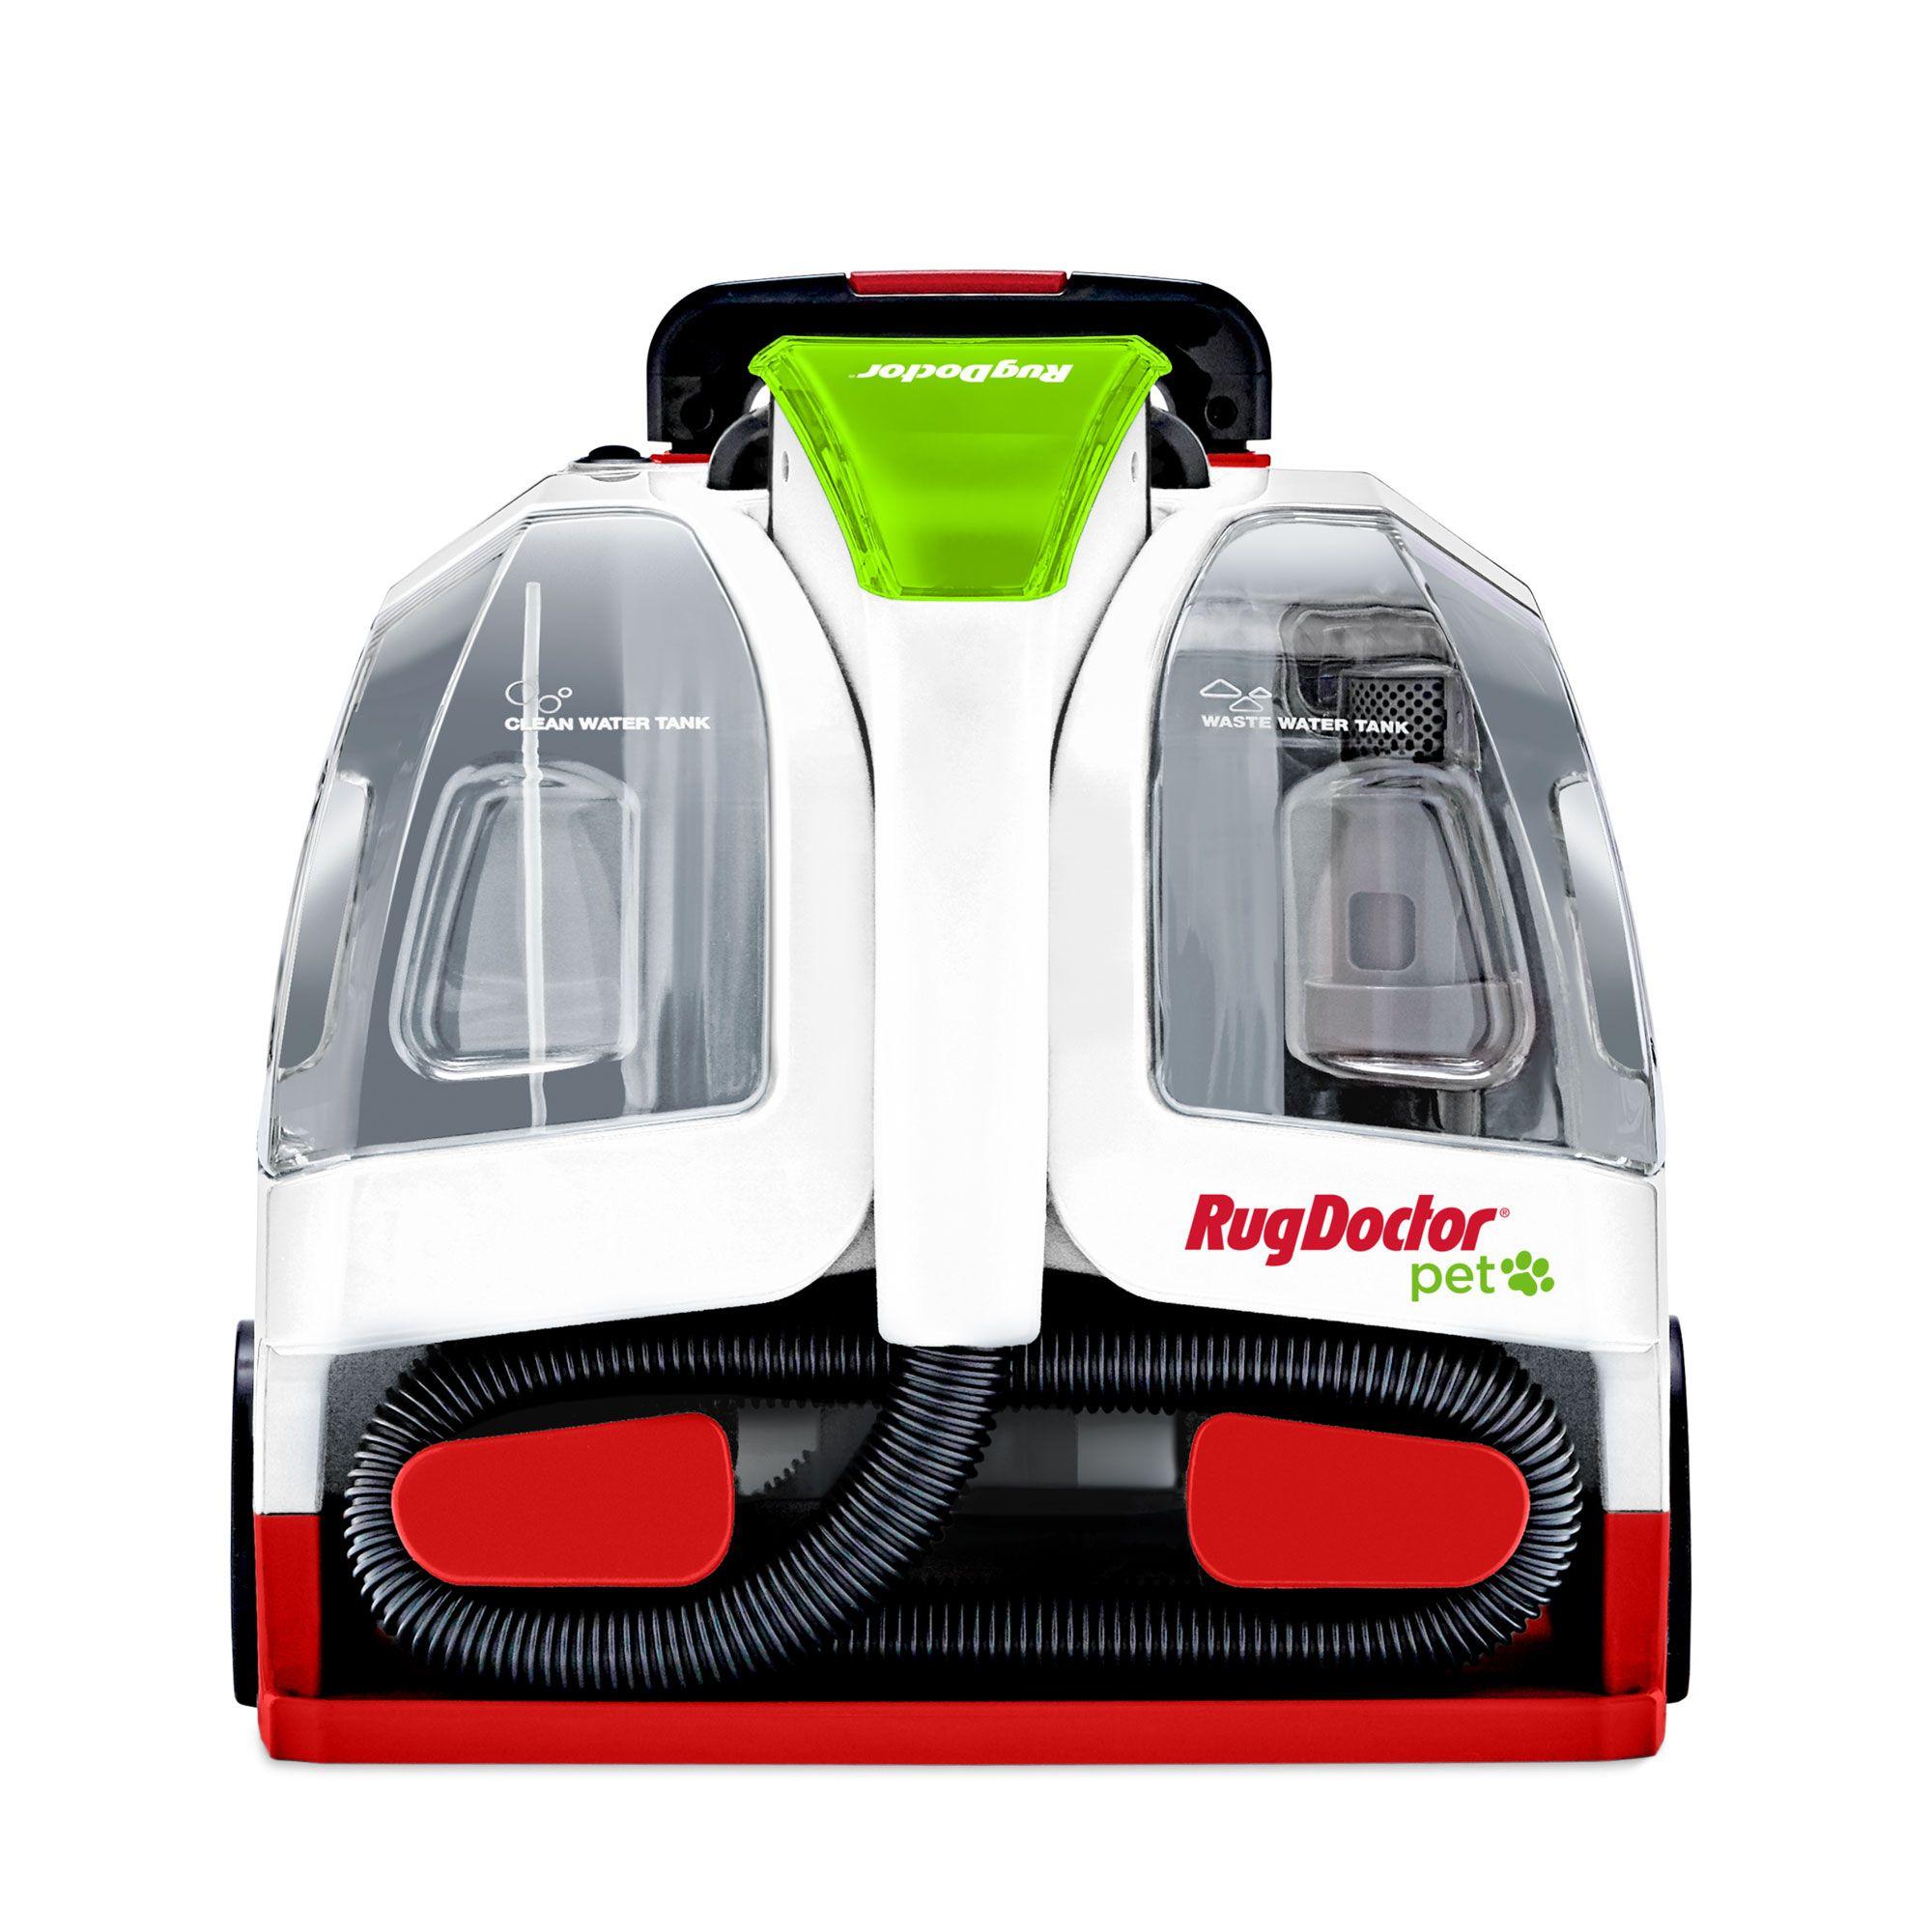 Rug Doctor Pet Portable Spot Cleaner – Refurbished £84.99 @ Rug doctor (UK Mainland)